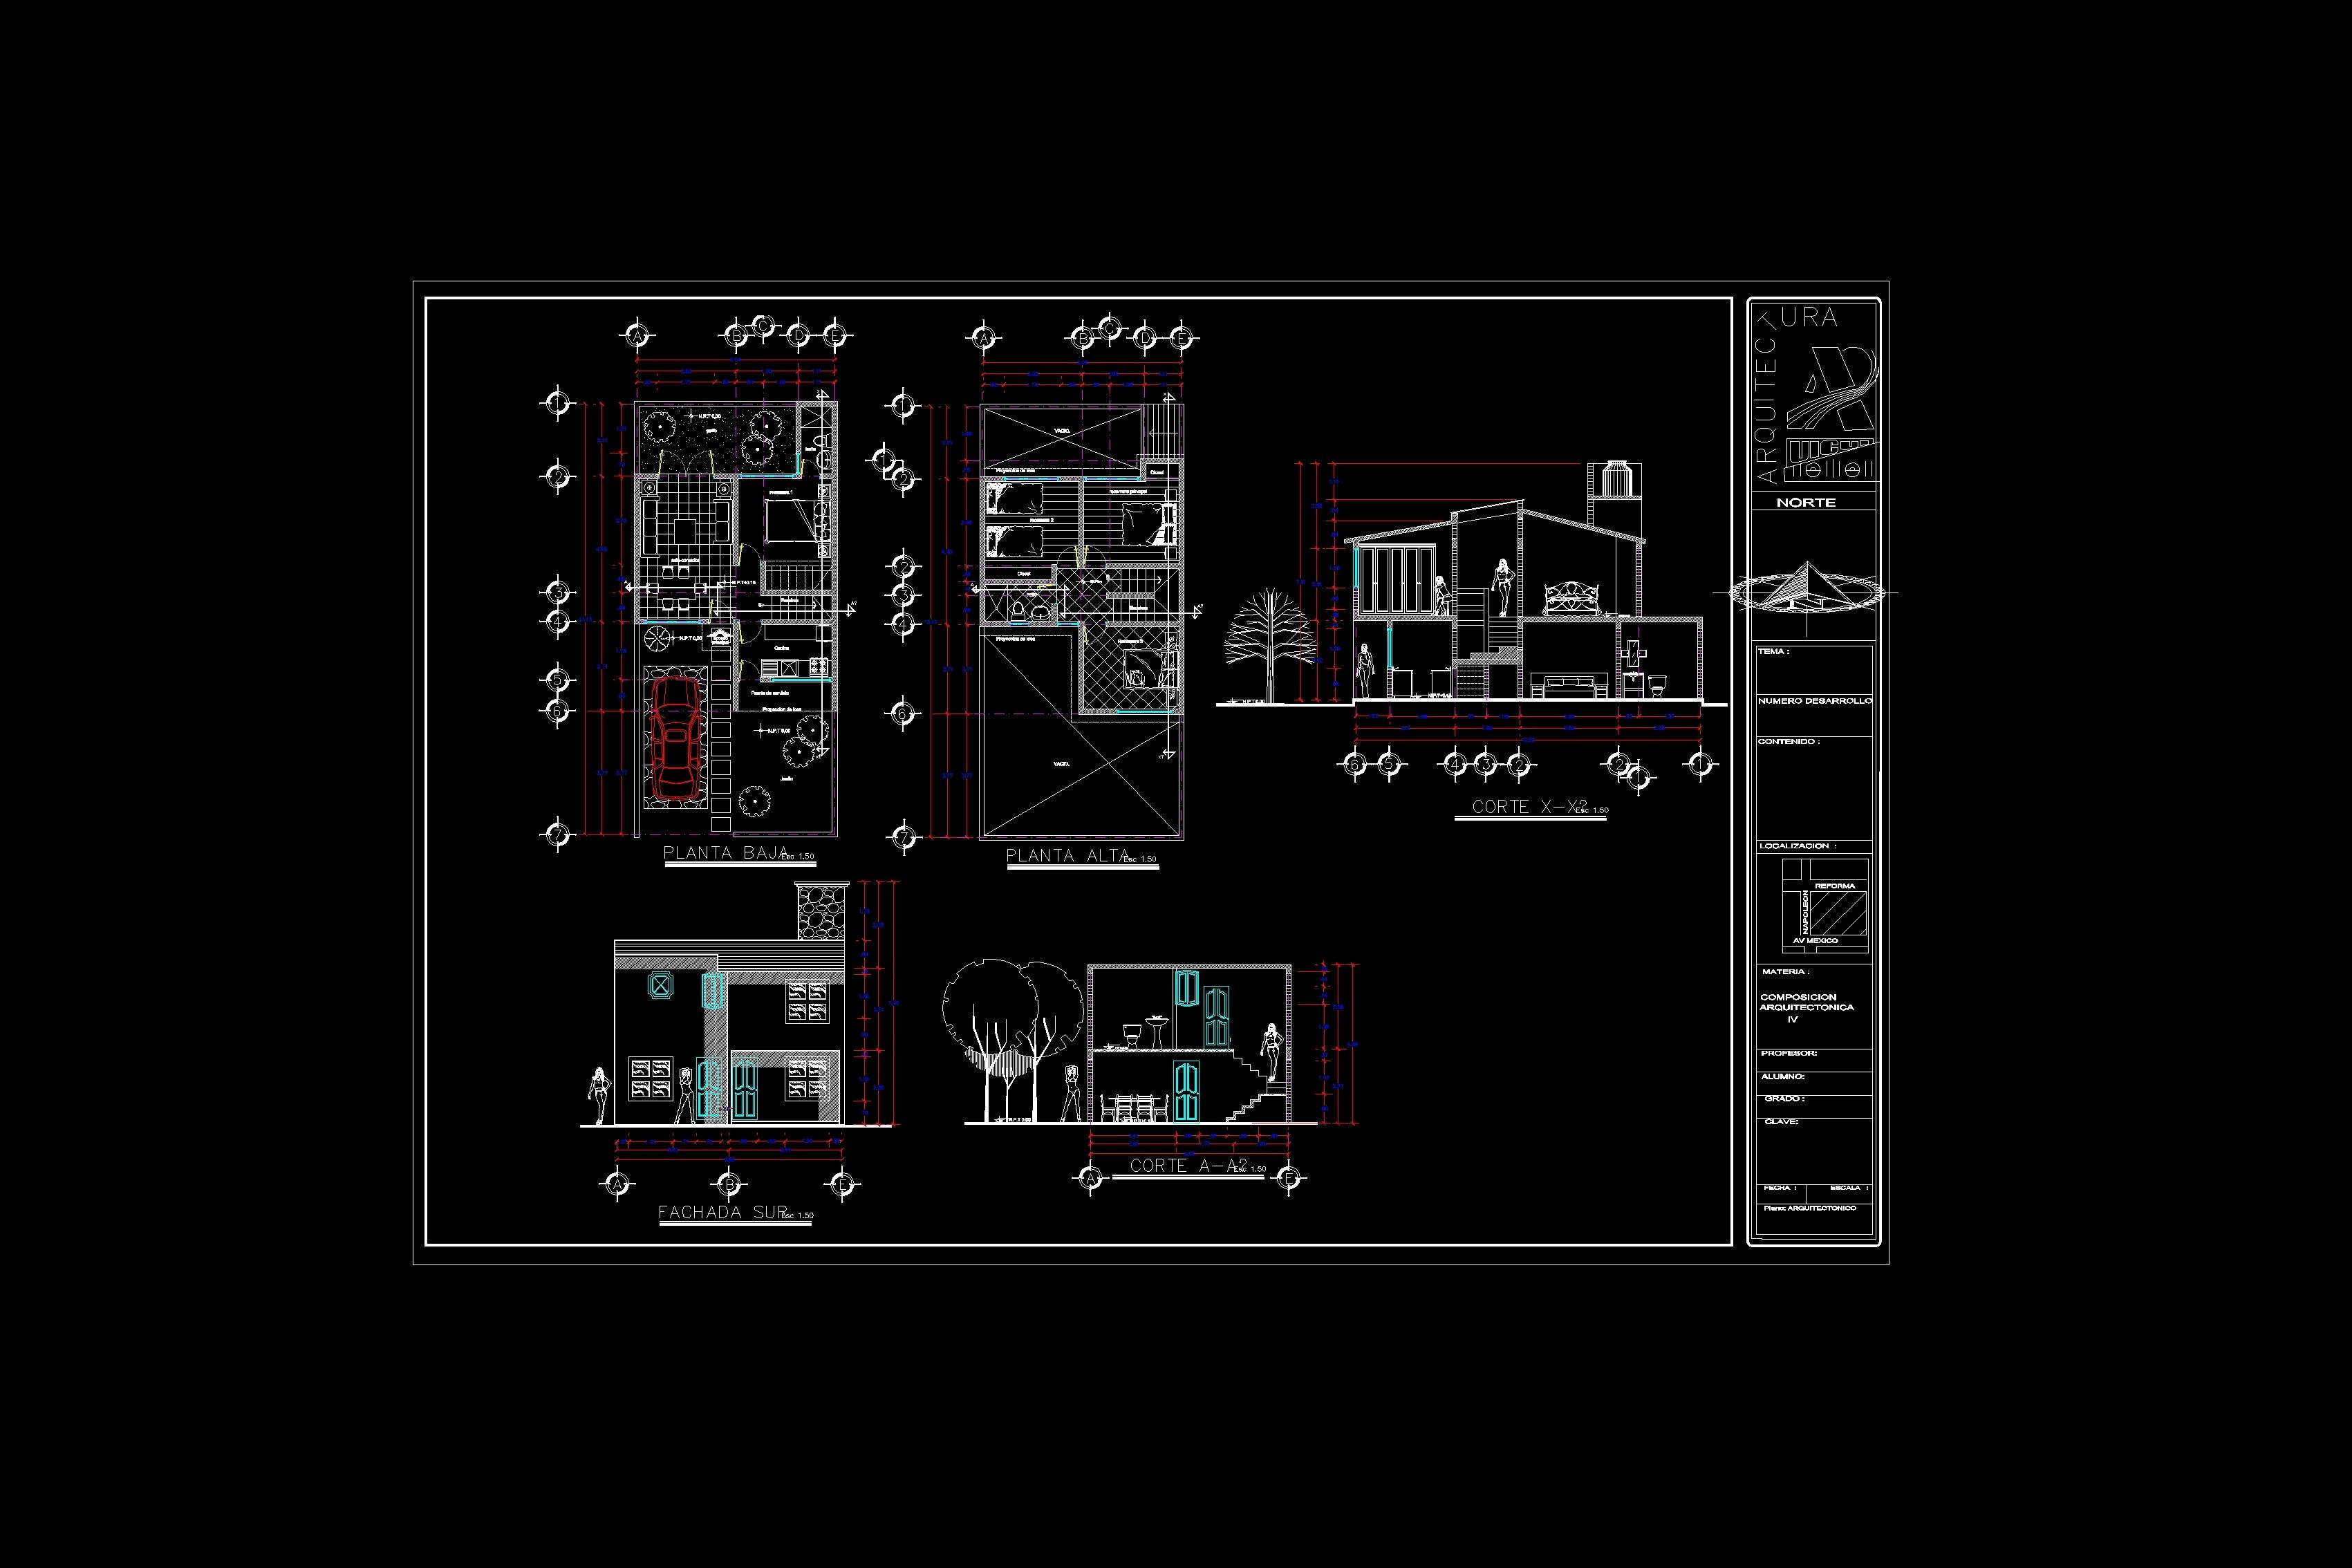 Descarga gratis plano casa habitacion planos y bloques for Planos de casa habitacion